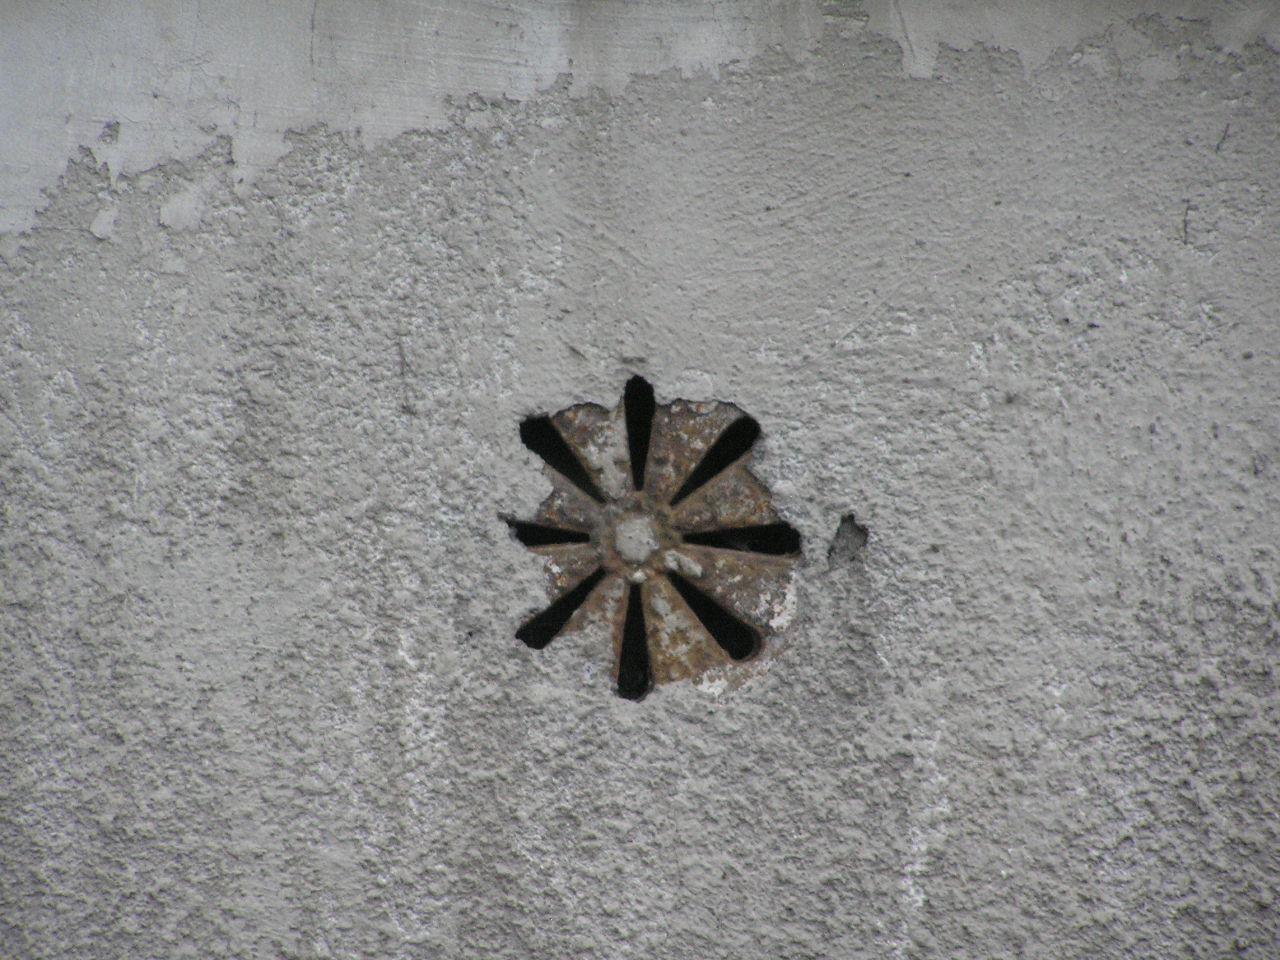 Kratka wentylacyjna umieszczona na kamienicy przy ulicy Międzyborskiej 93 na Grochowie